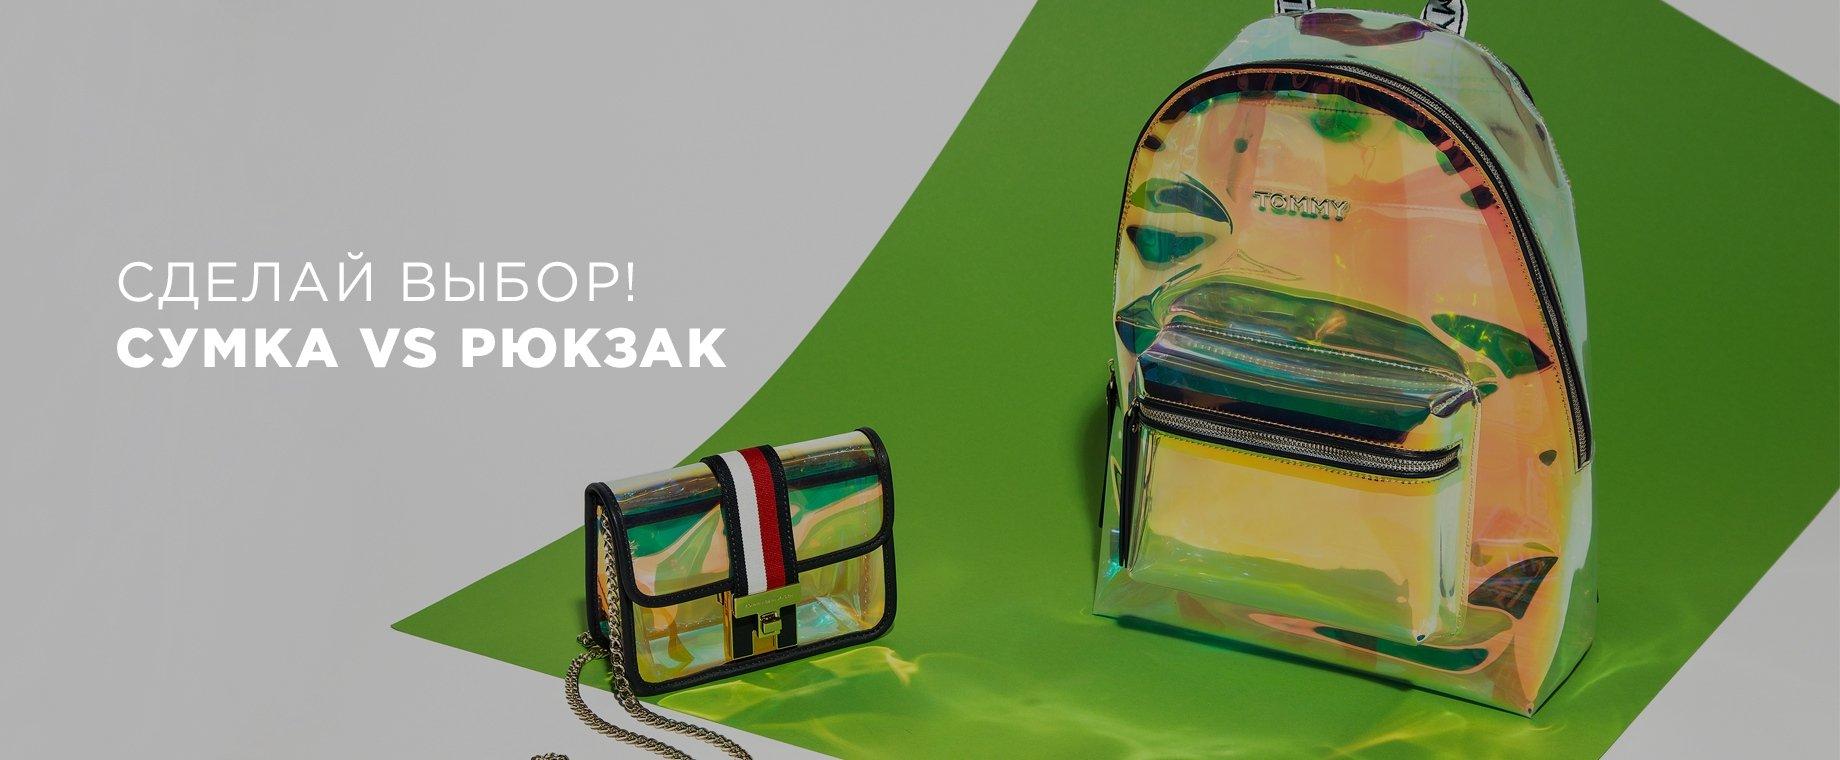 9fda87af146f Интернет-магазин MD-Fashion ᐈ Брендовая одежда, обувь и аксессуары